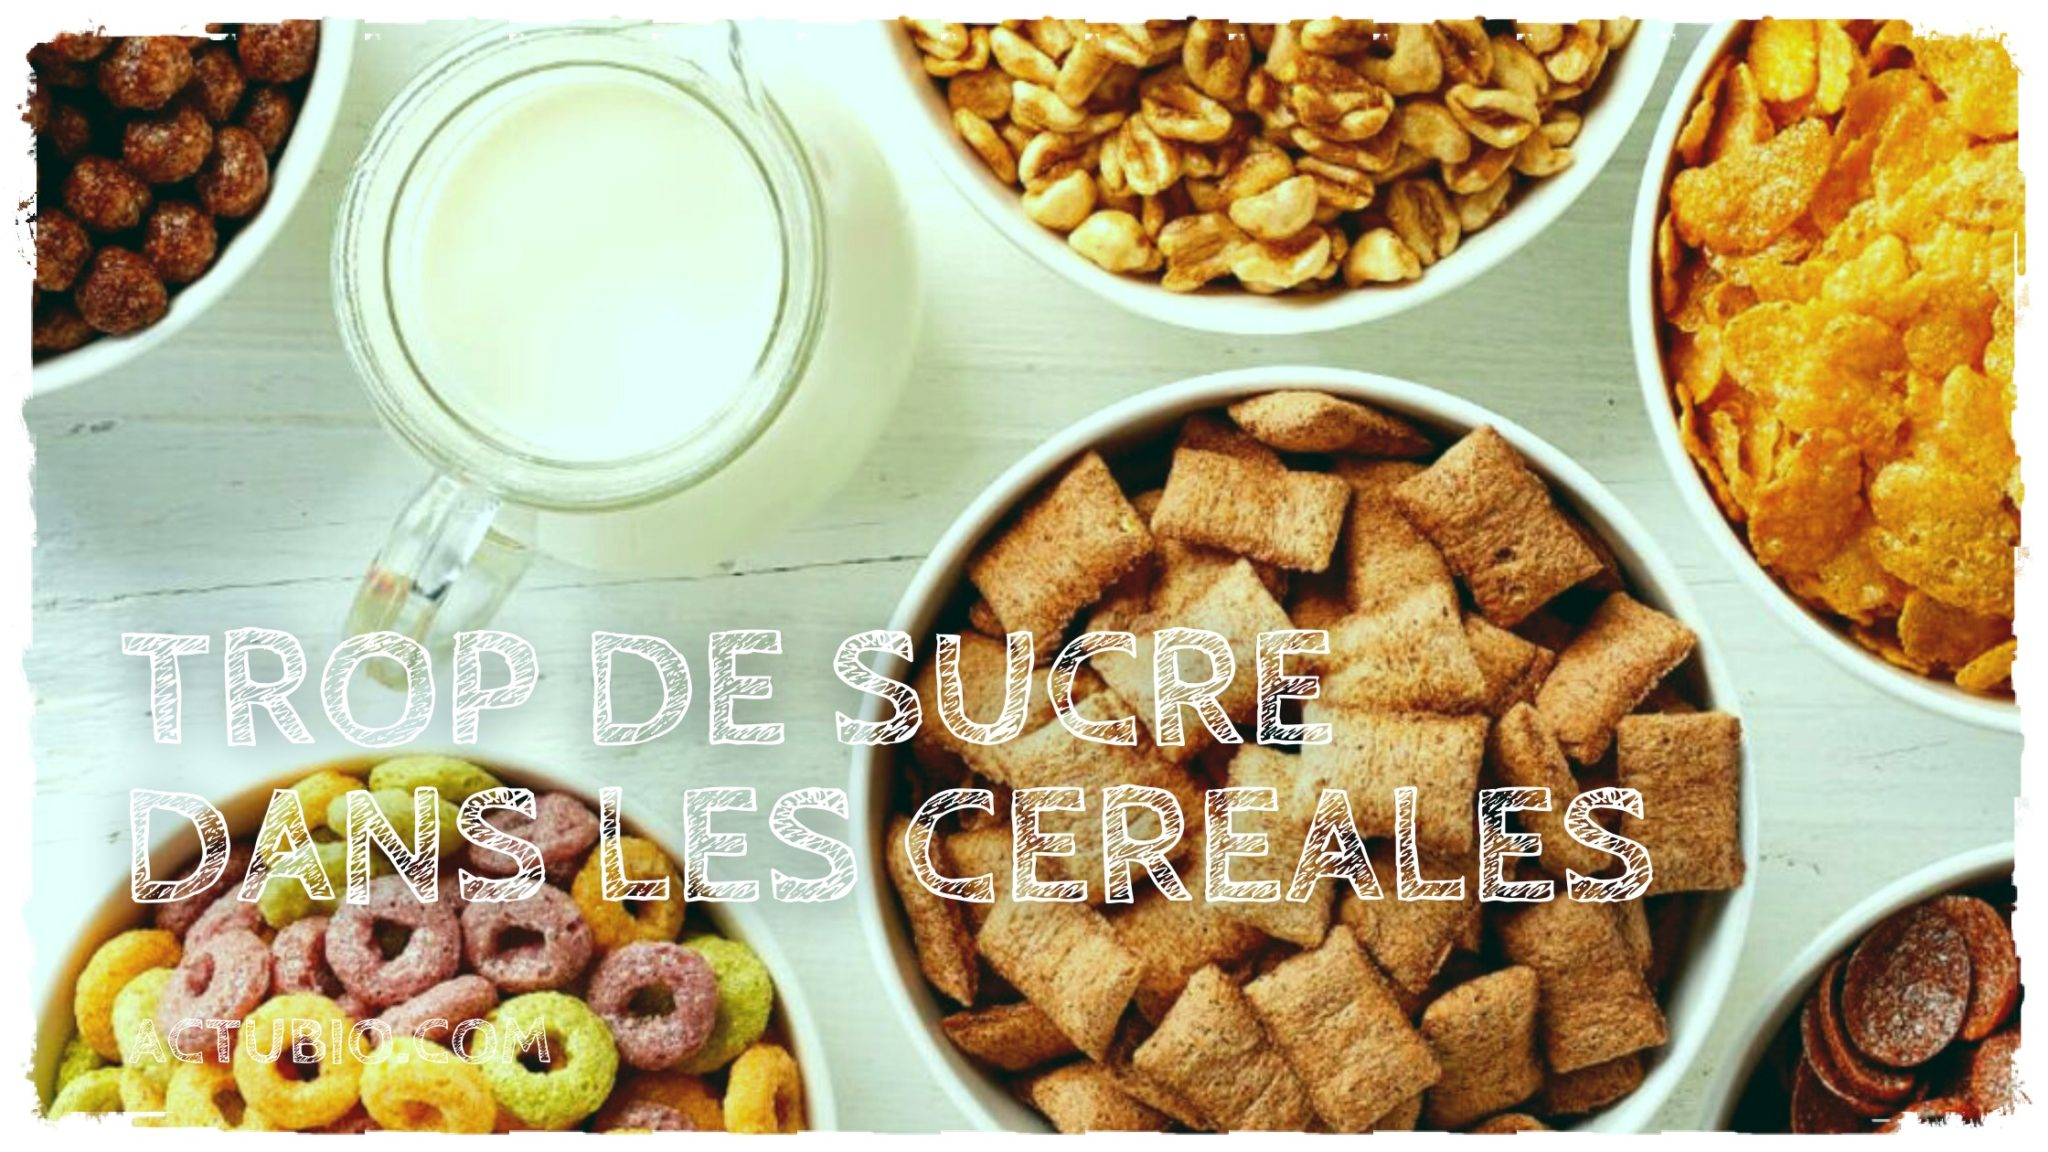 Les céréales le matin…c'est pas toujours bien